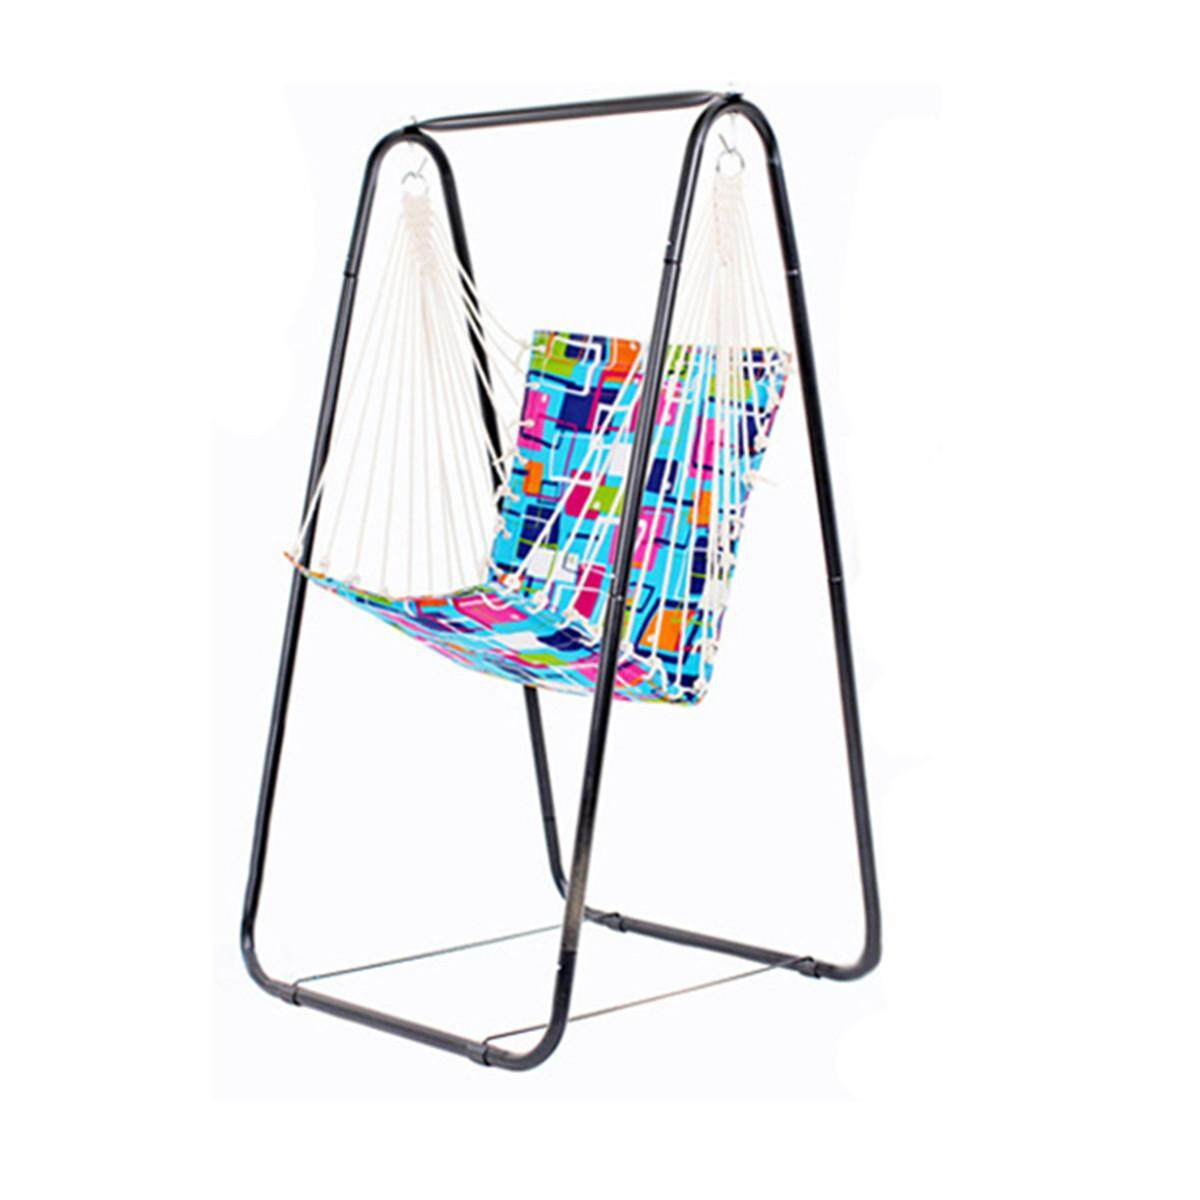 Hammock Hanging Chair Leisure Swing + Steel Foot Holder Garden Outdoor Camping - intl